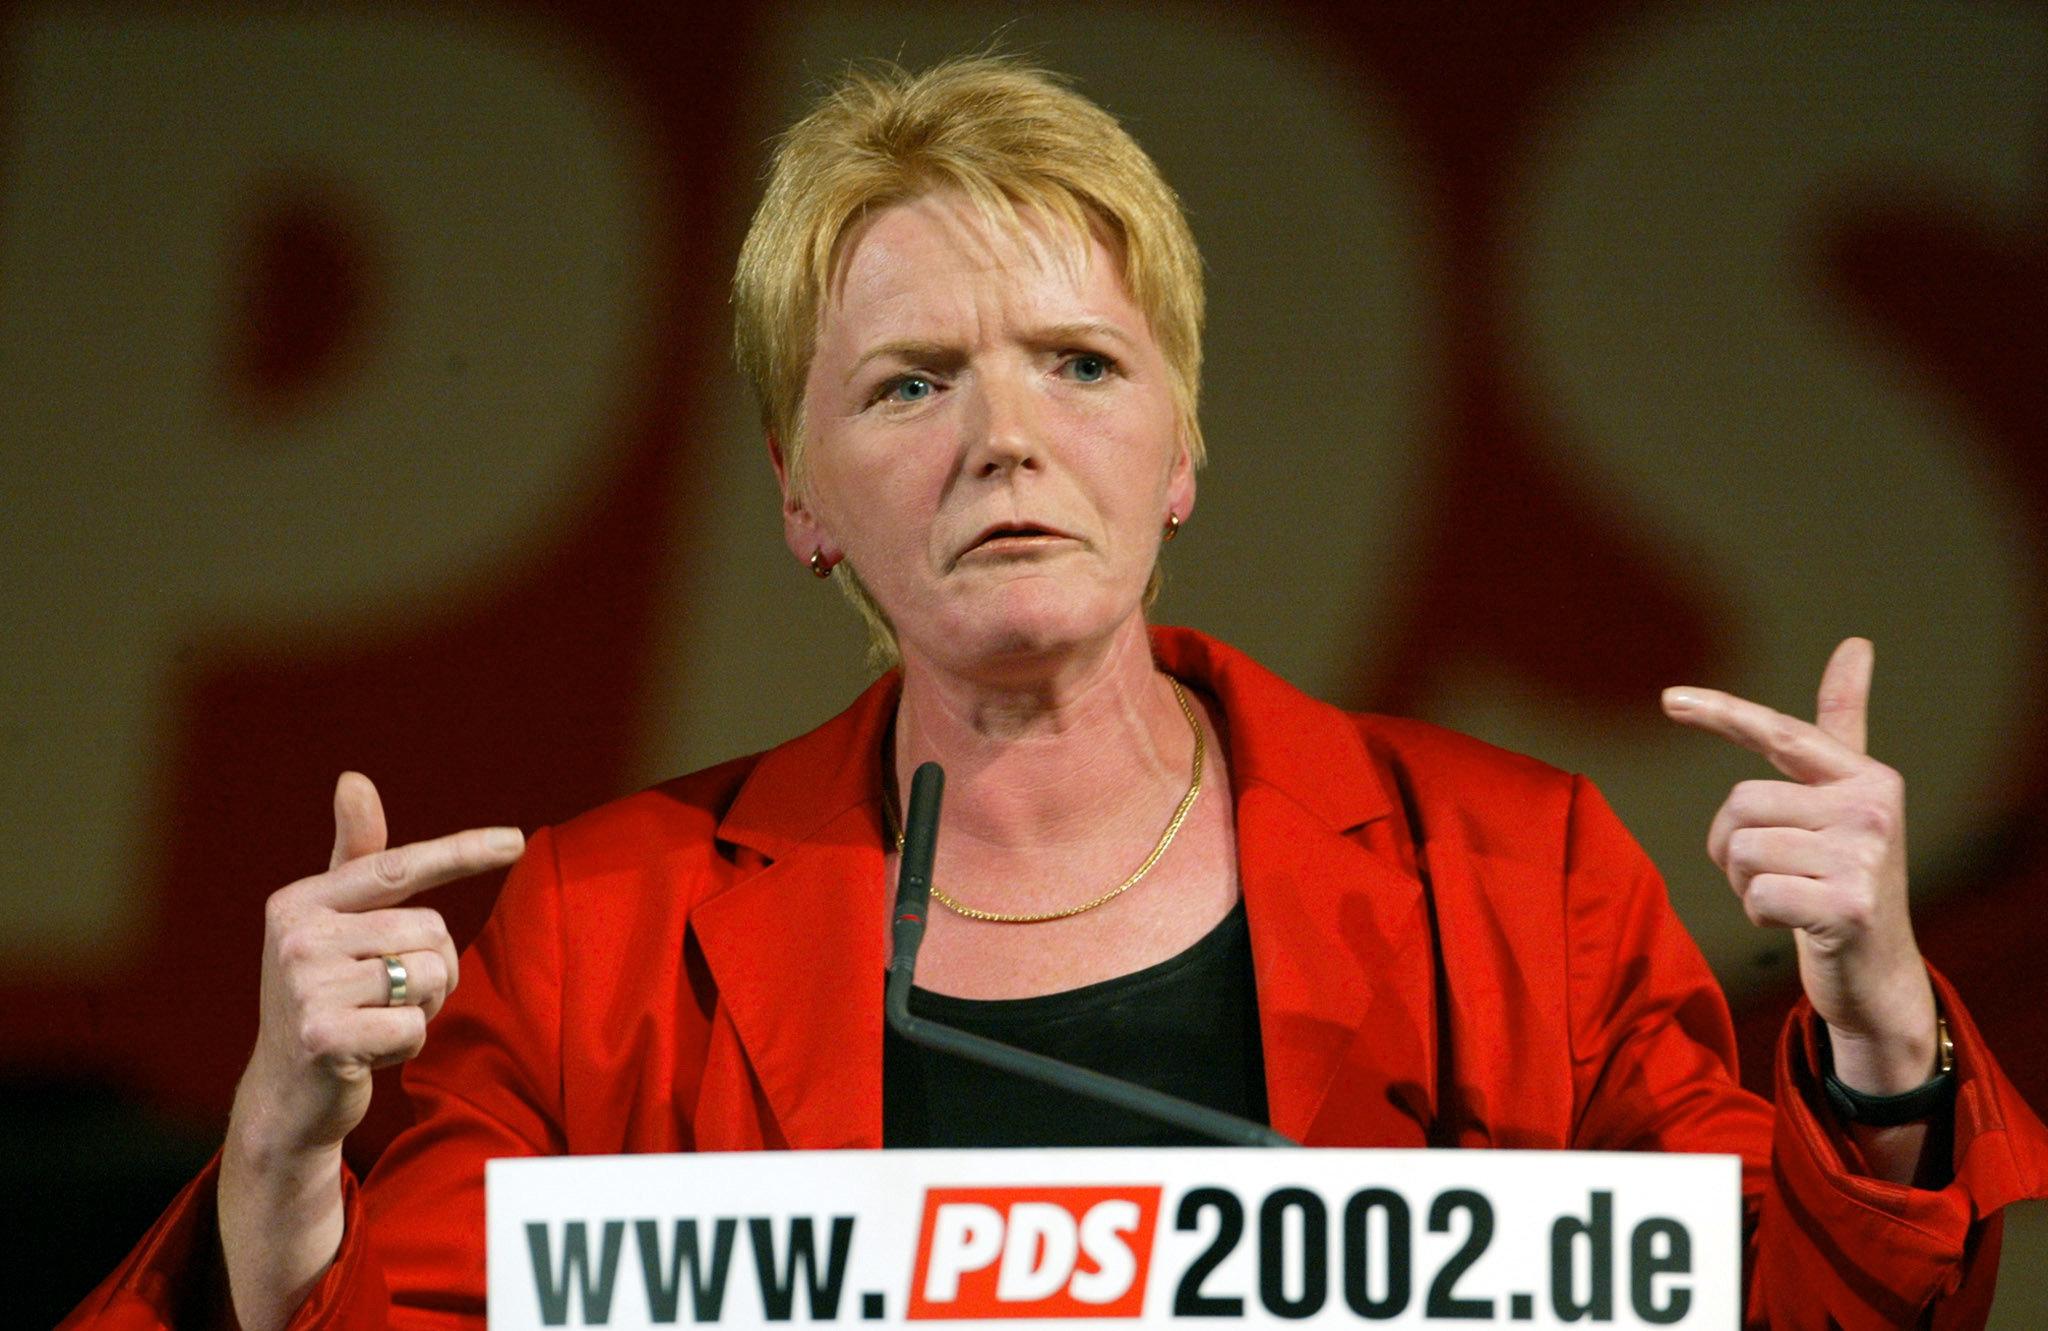 Σοβαρές ενστάσεις της Ευρωπαϊκής Αριστεράς και των Πρασίνων επί της συμφωνίας των «28» ηγετών της ΕΕ για το προσφυγικό